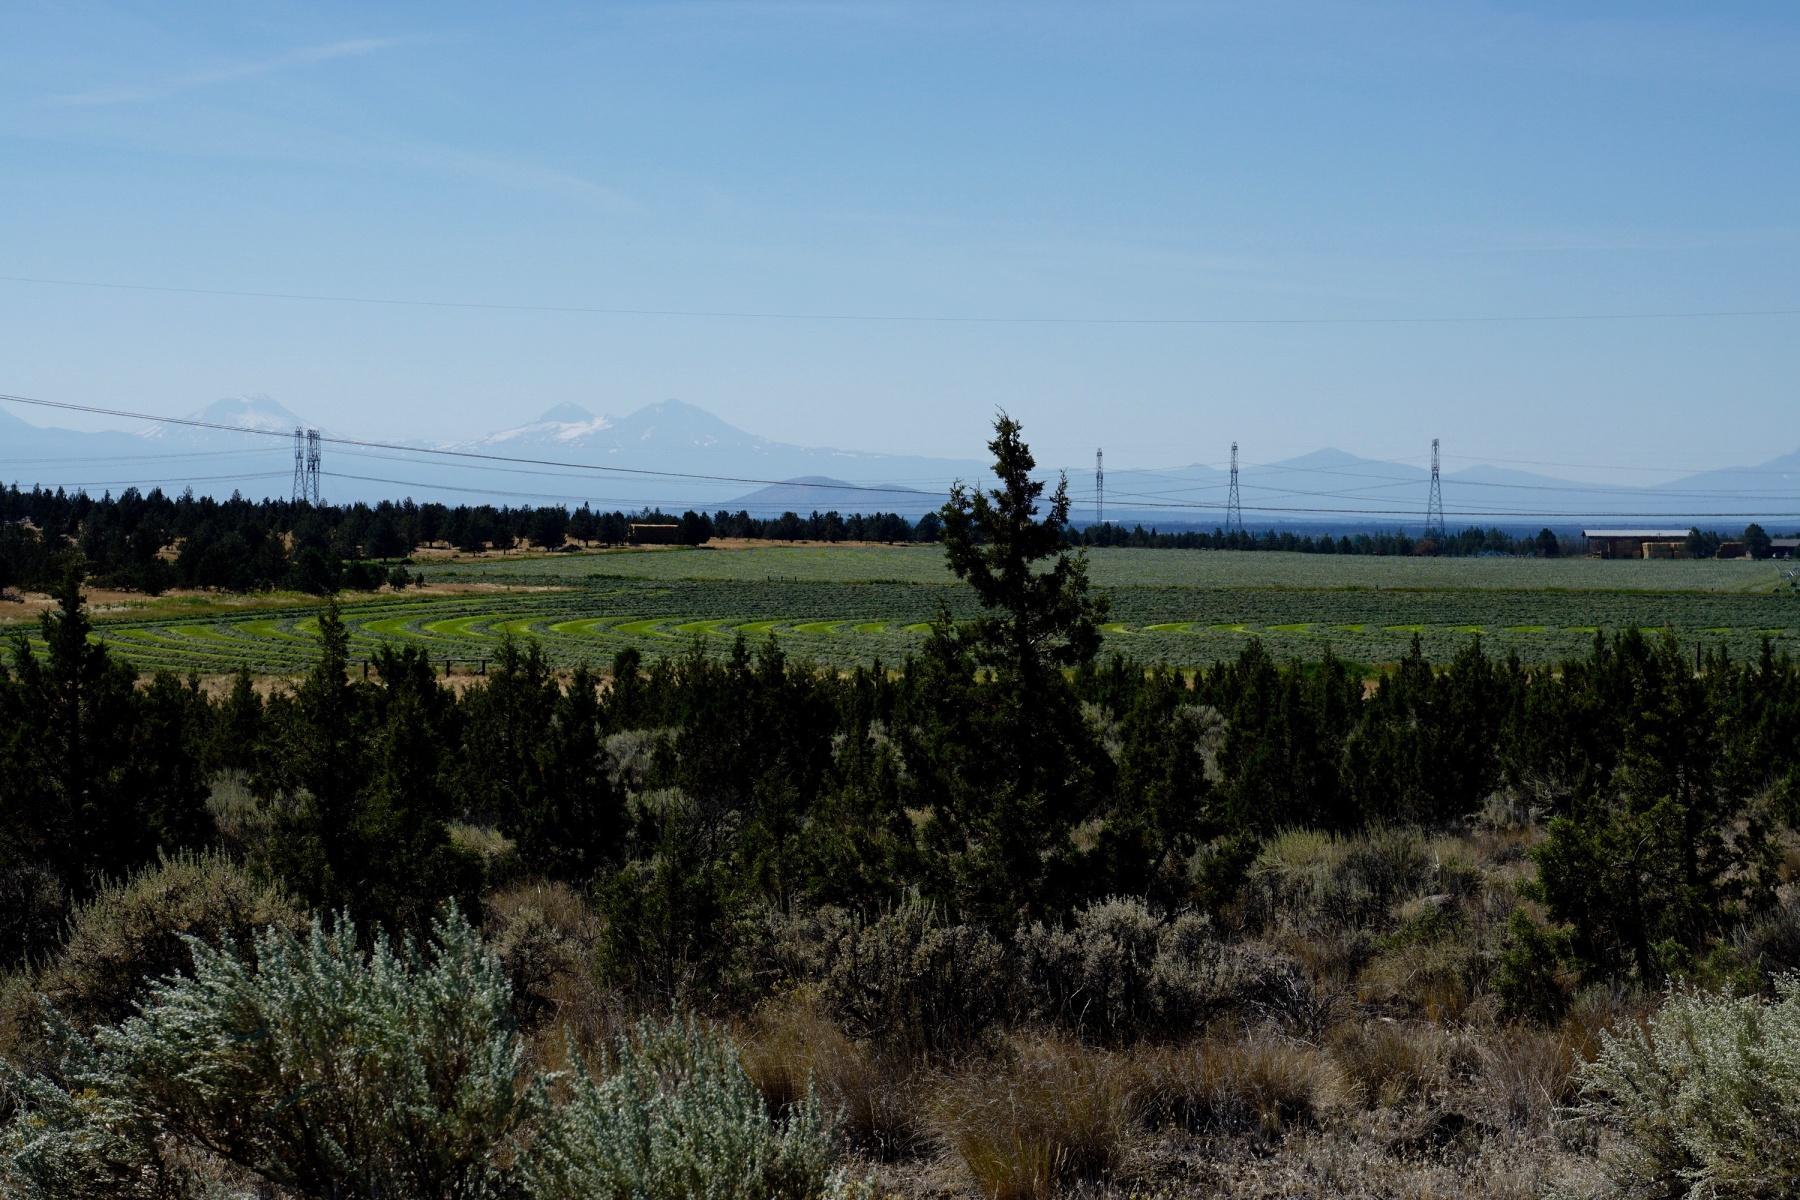 Terreno por un Venta en Just Listed in Your Area SW Houston Lake Rd TL 1303 Powell Butte, Oregon, 97753 Estados Unidos